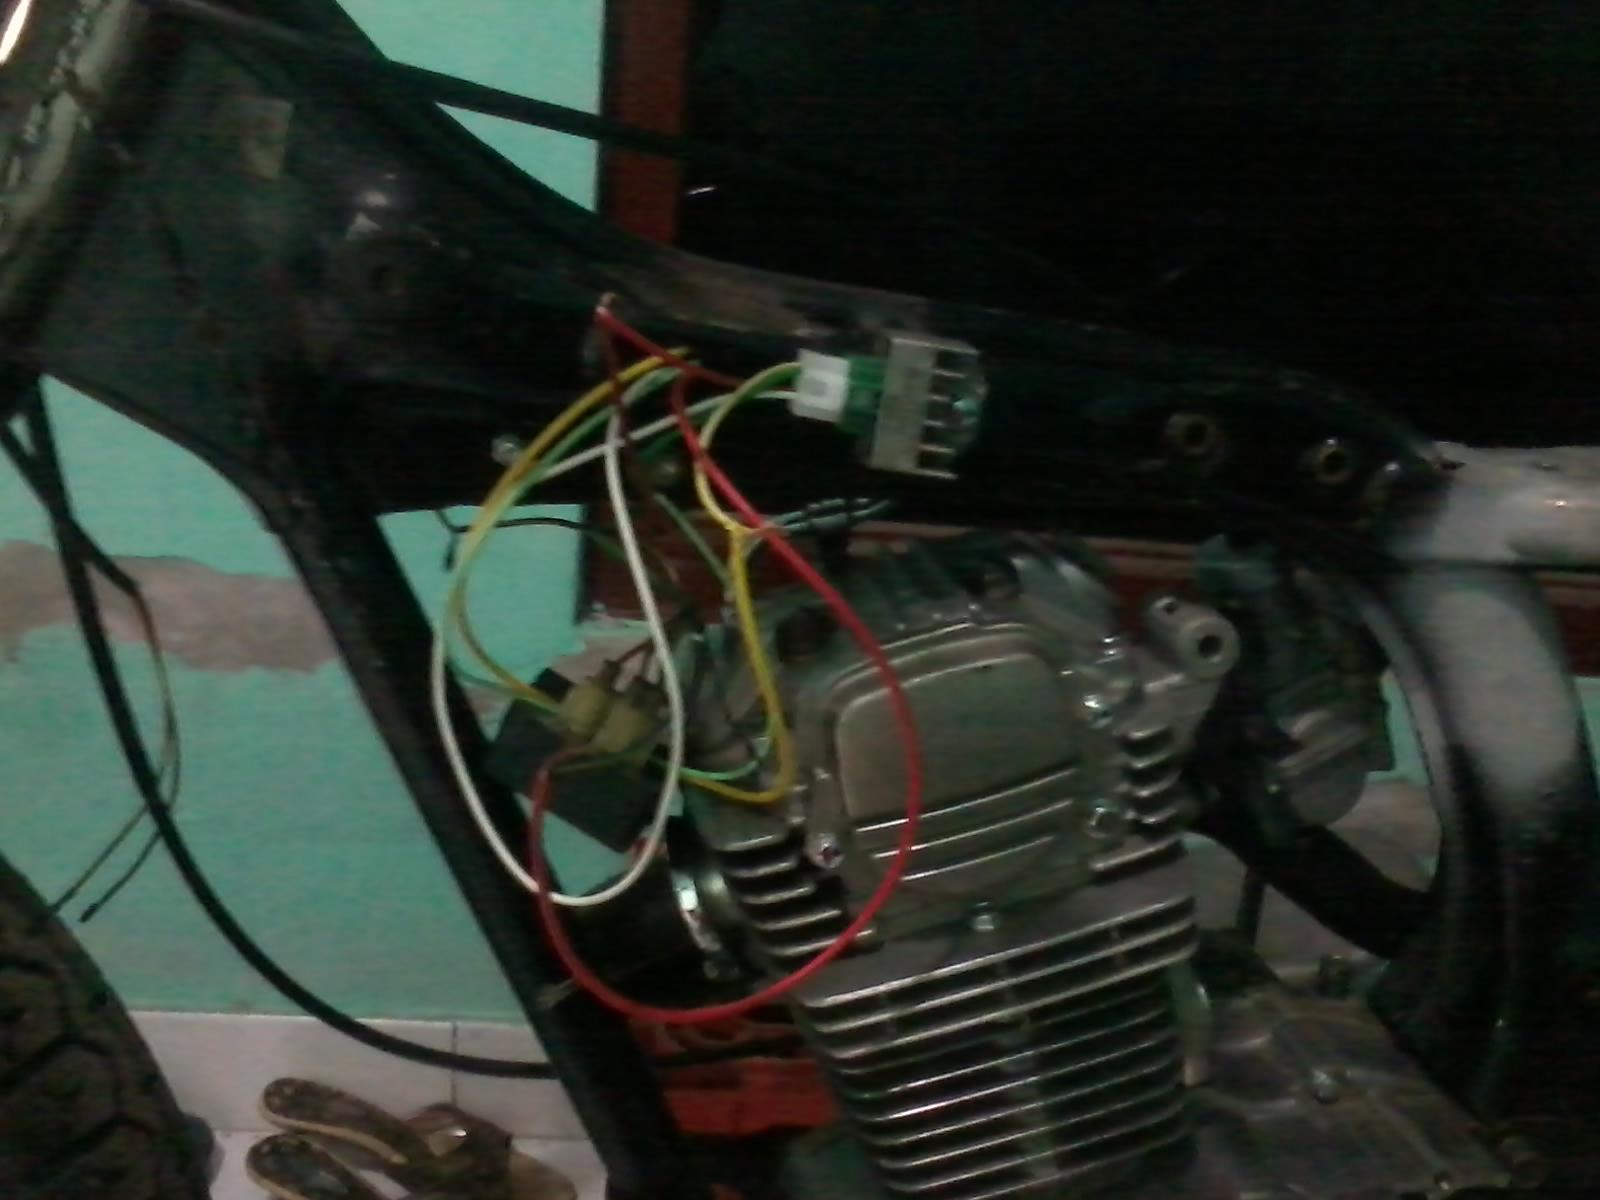 Wiring diagram kelistrikan honda gl 100 wiring diagrams diagram jalur kabel wirring gl pro series 145cc 5osials blog membuat jalur kabel kelistrikan pada honda cb dan gl tanpa aki pada sistem pengapian dc wiring ccuart Choice Image